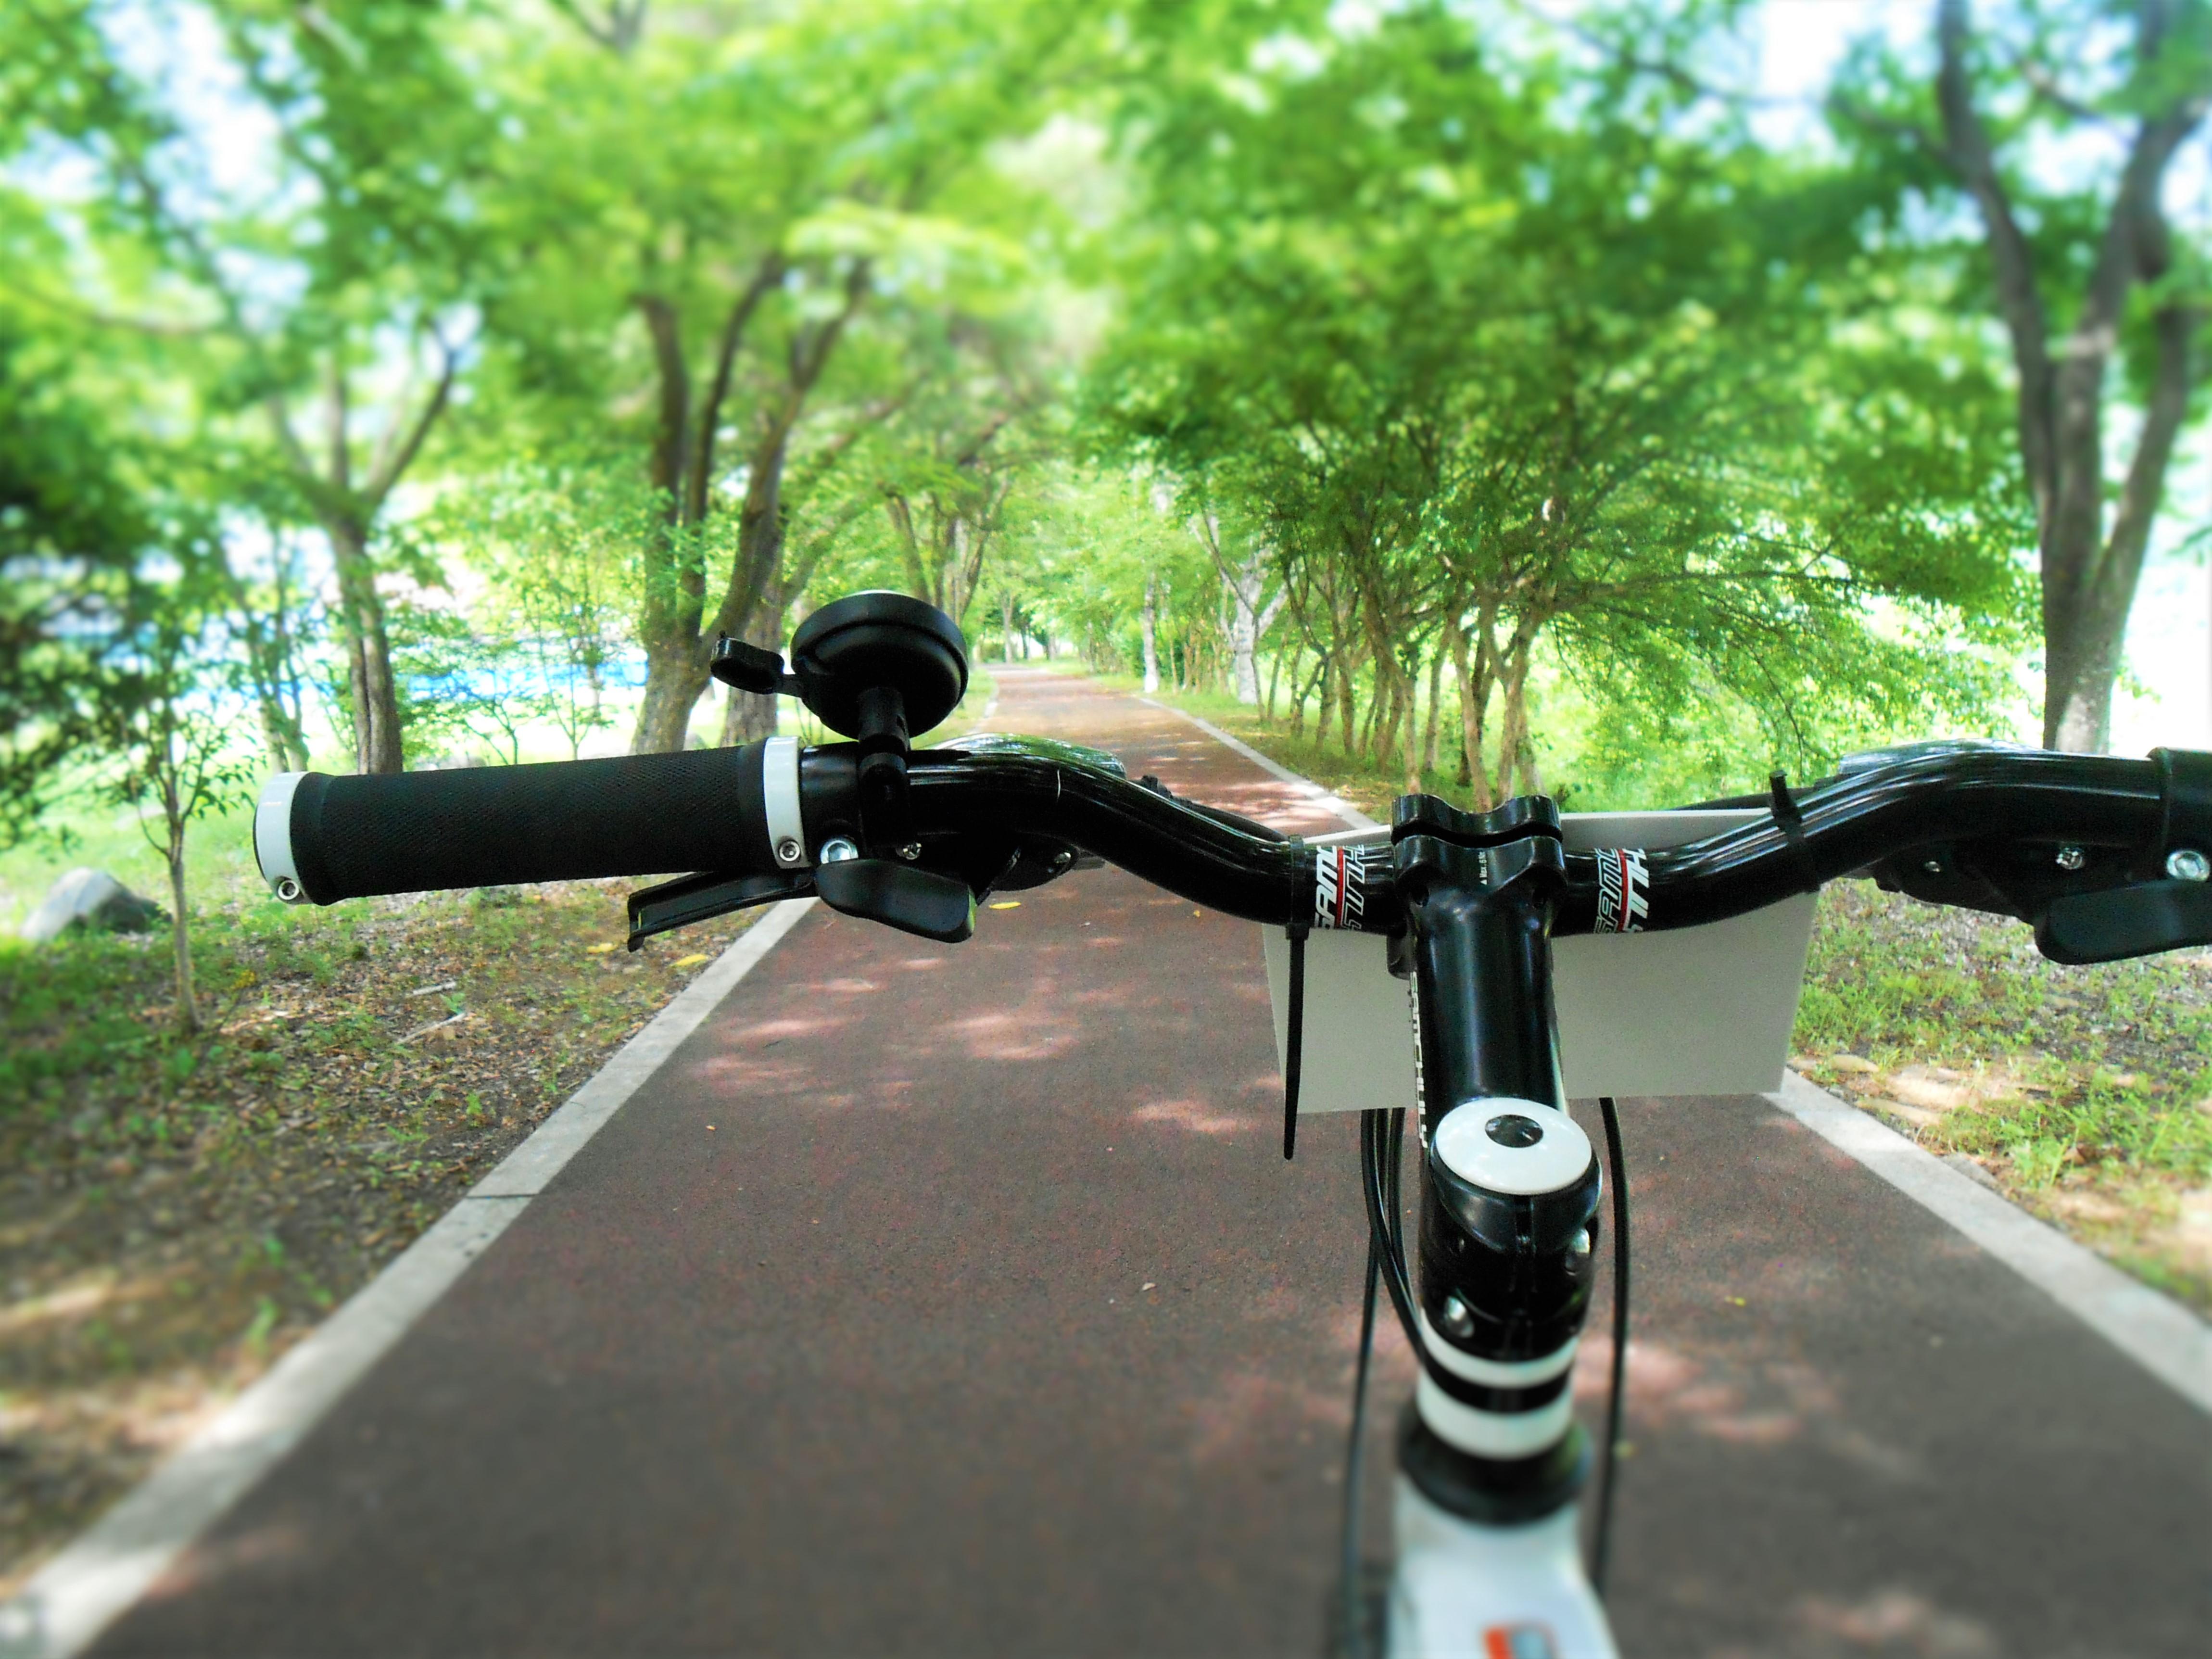 급하게 외울 게 있다면? '가볍게 자전거 10분'부터!